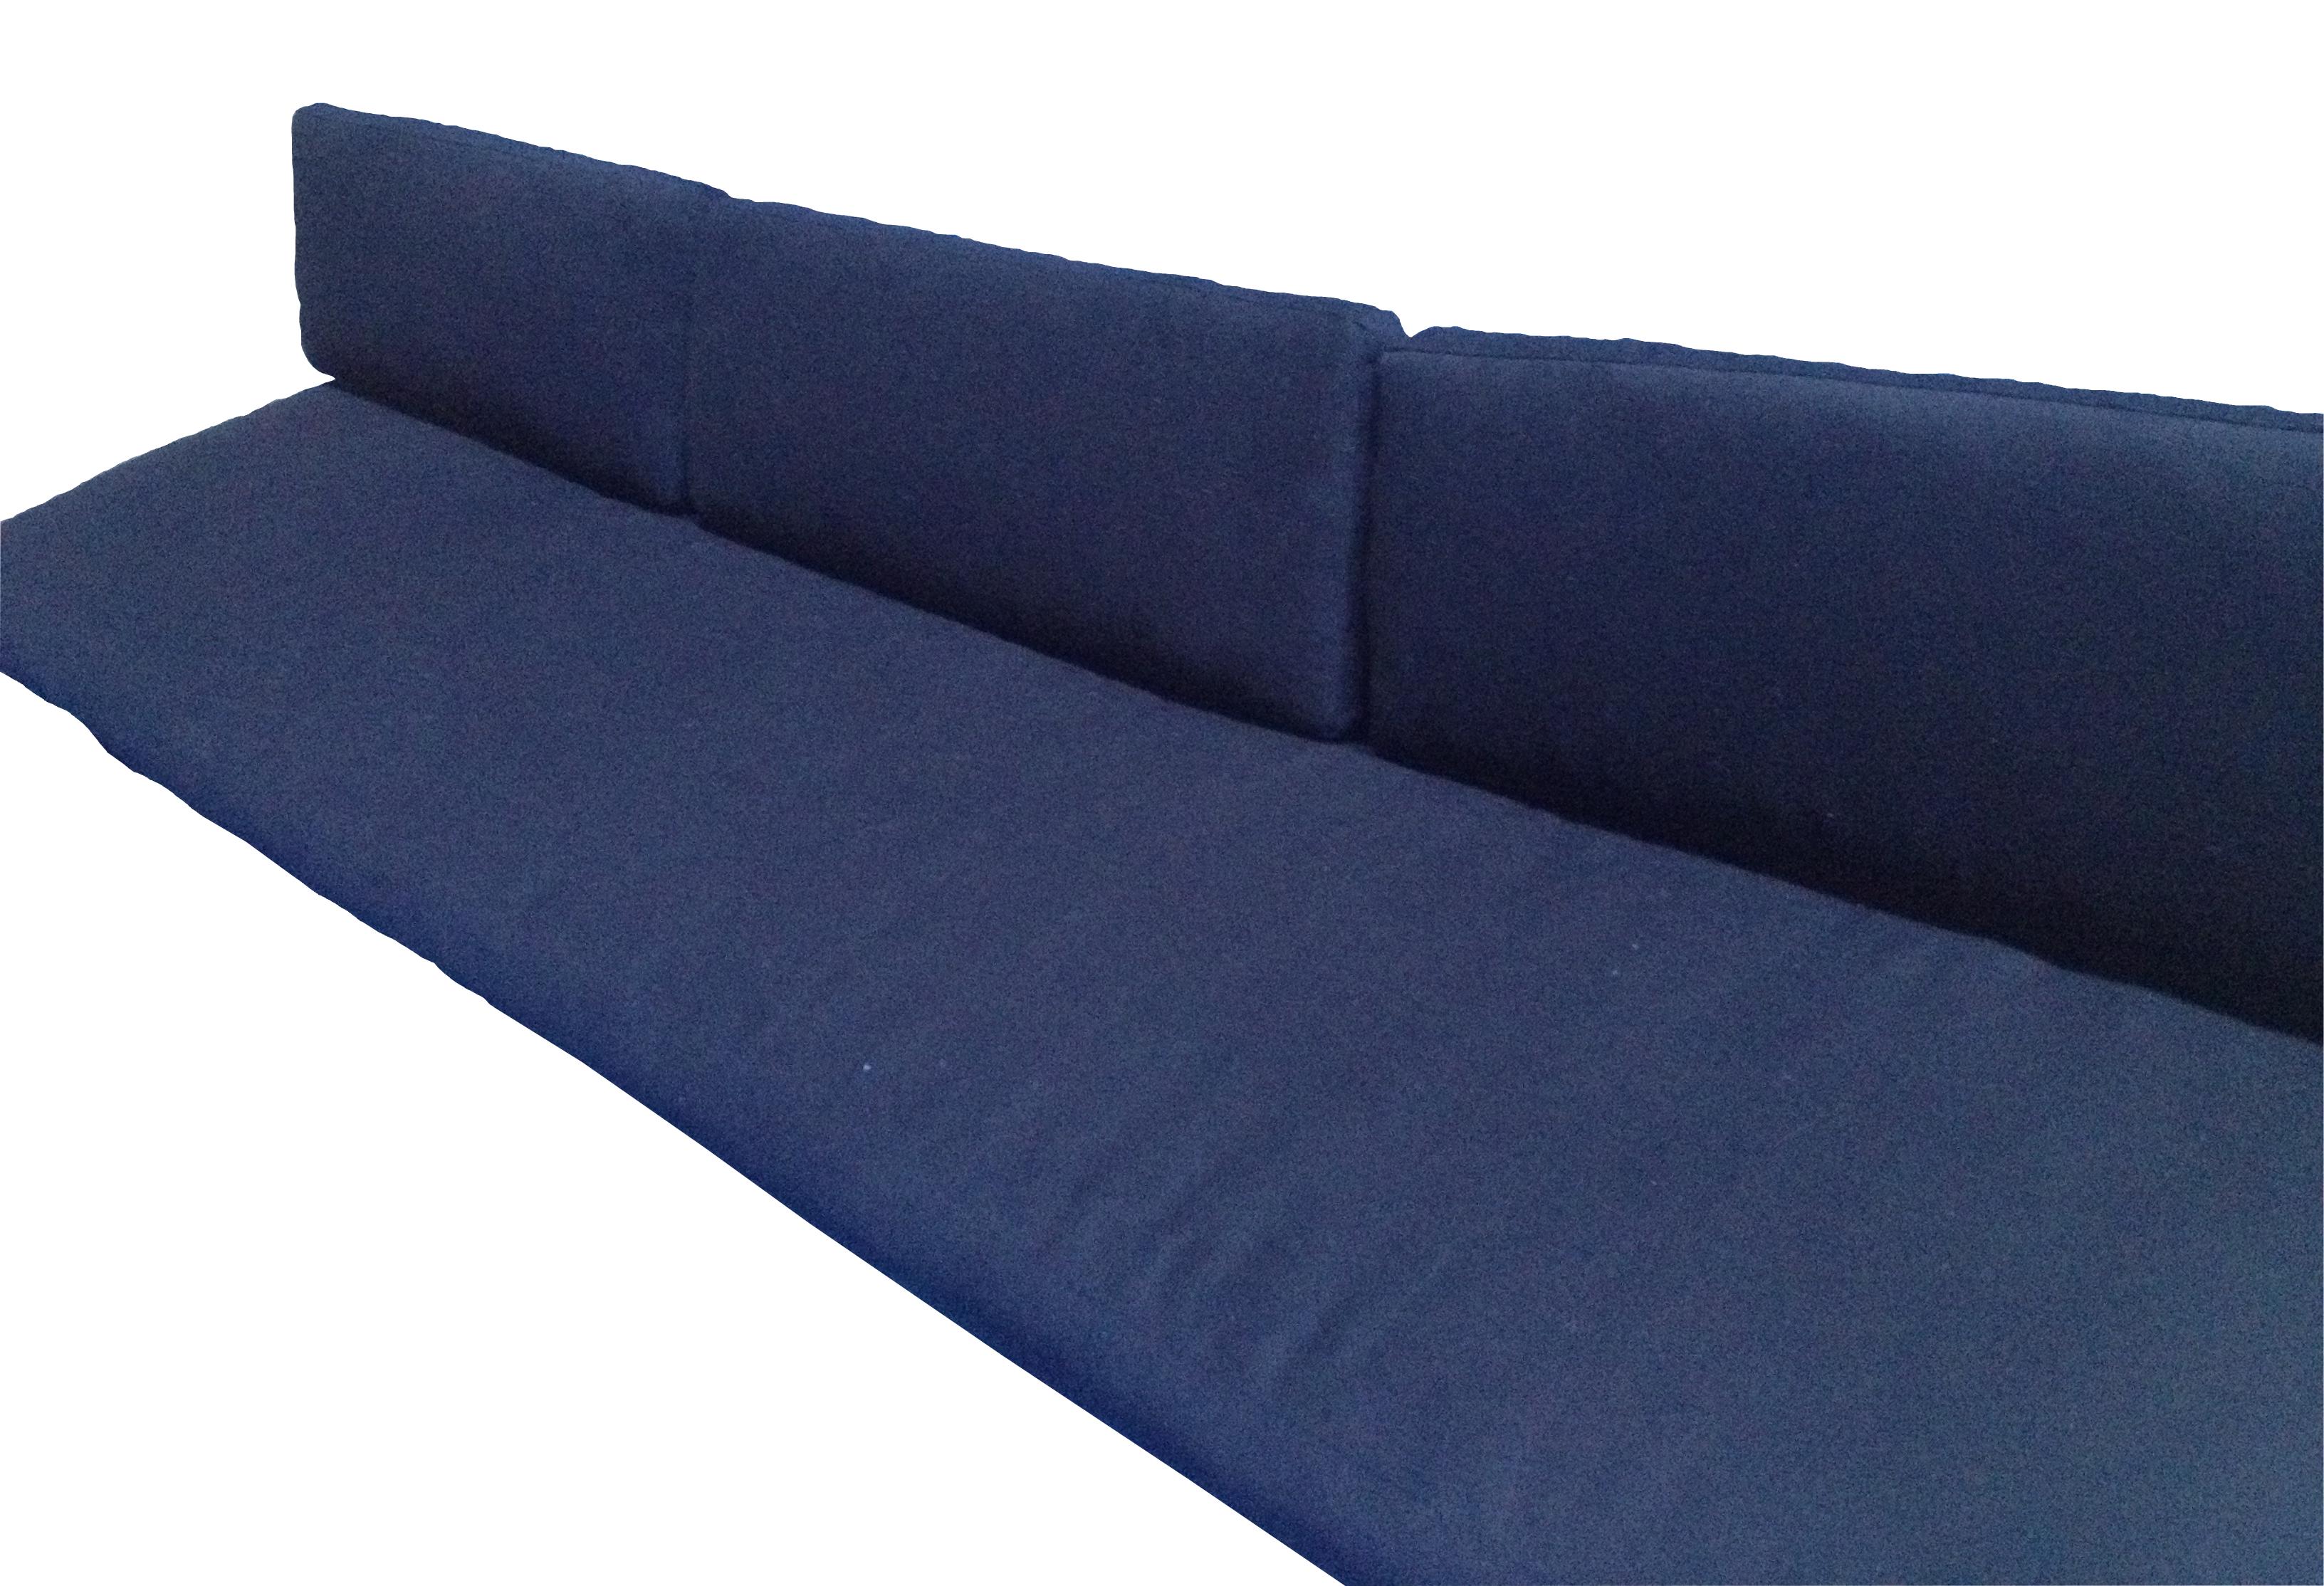 ea82a7bc99176e Almofada para Sofa de Madeira de Assento | Elo7